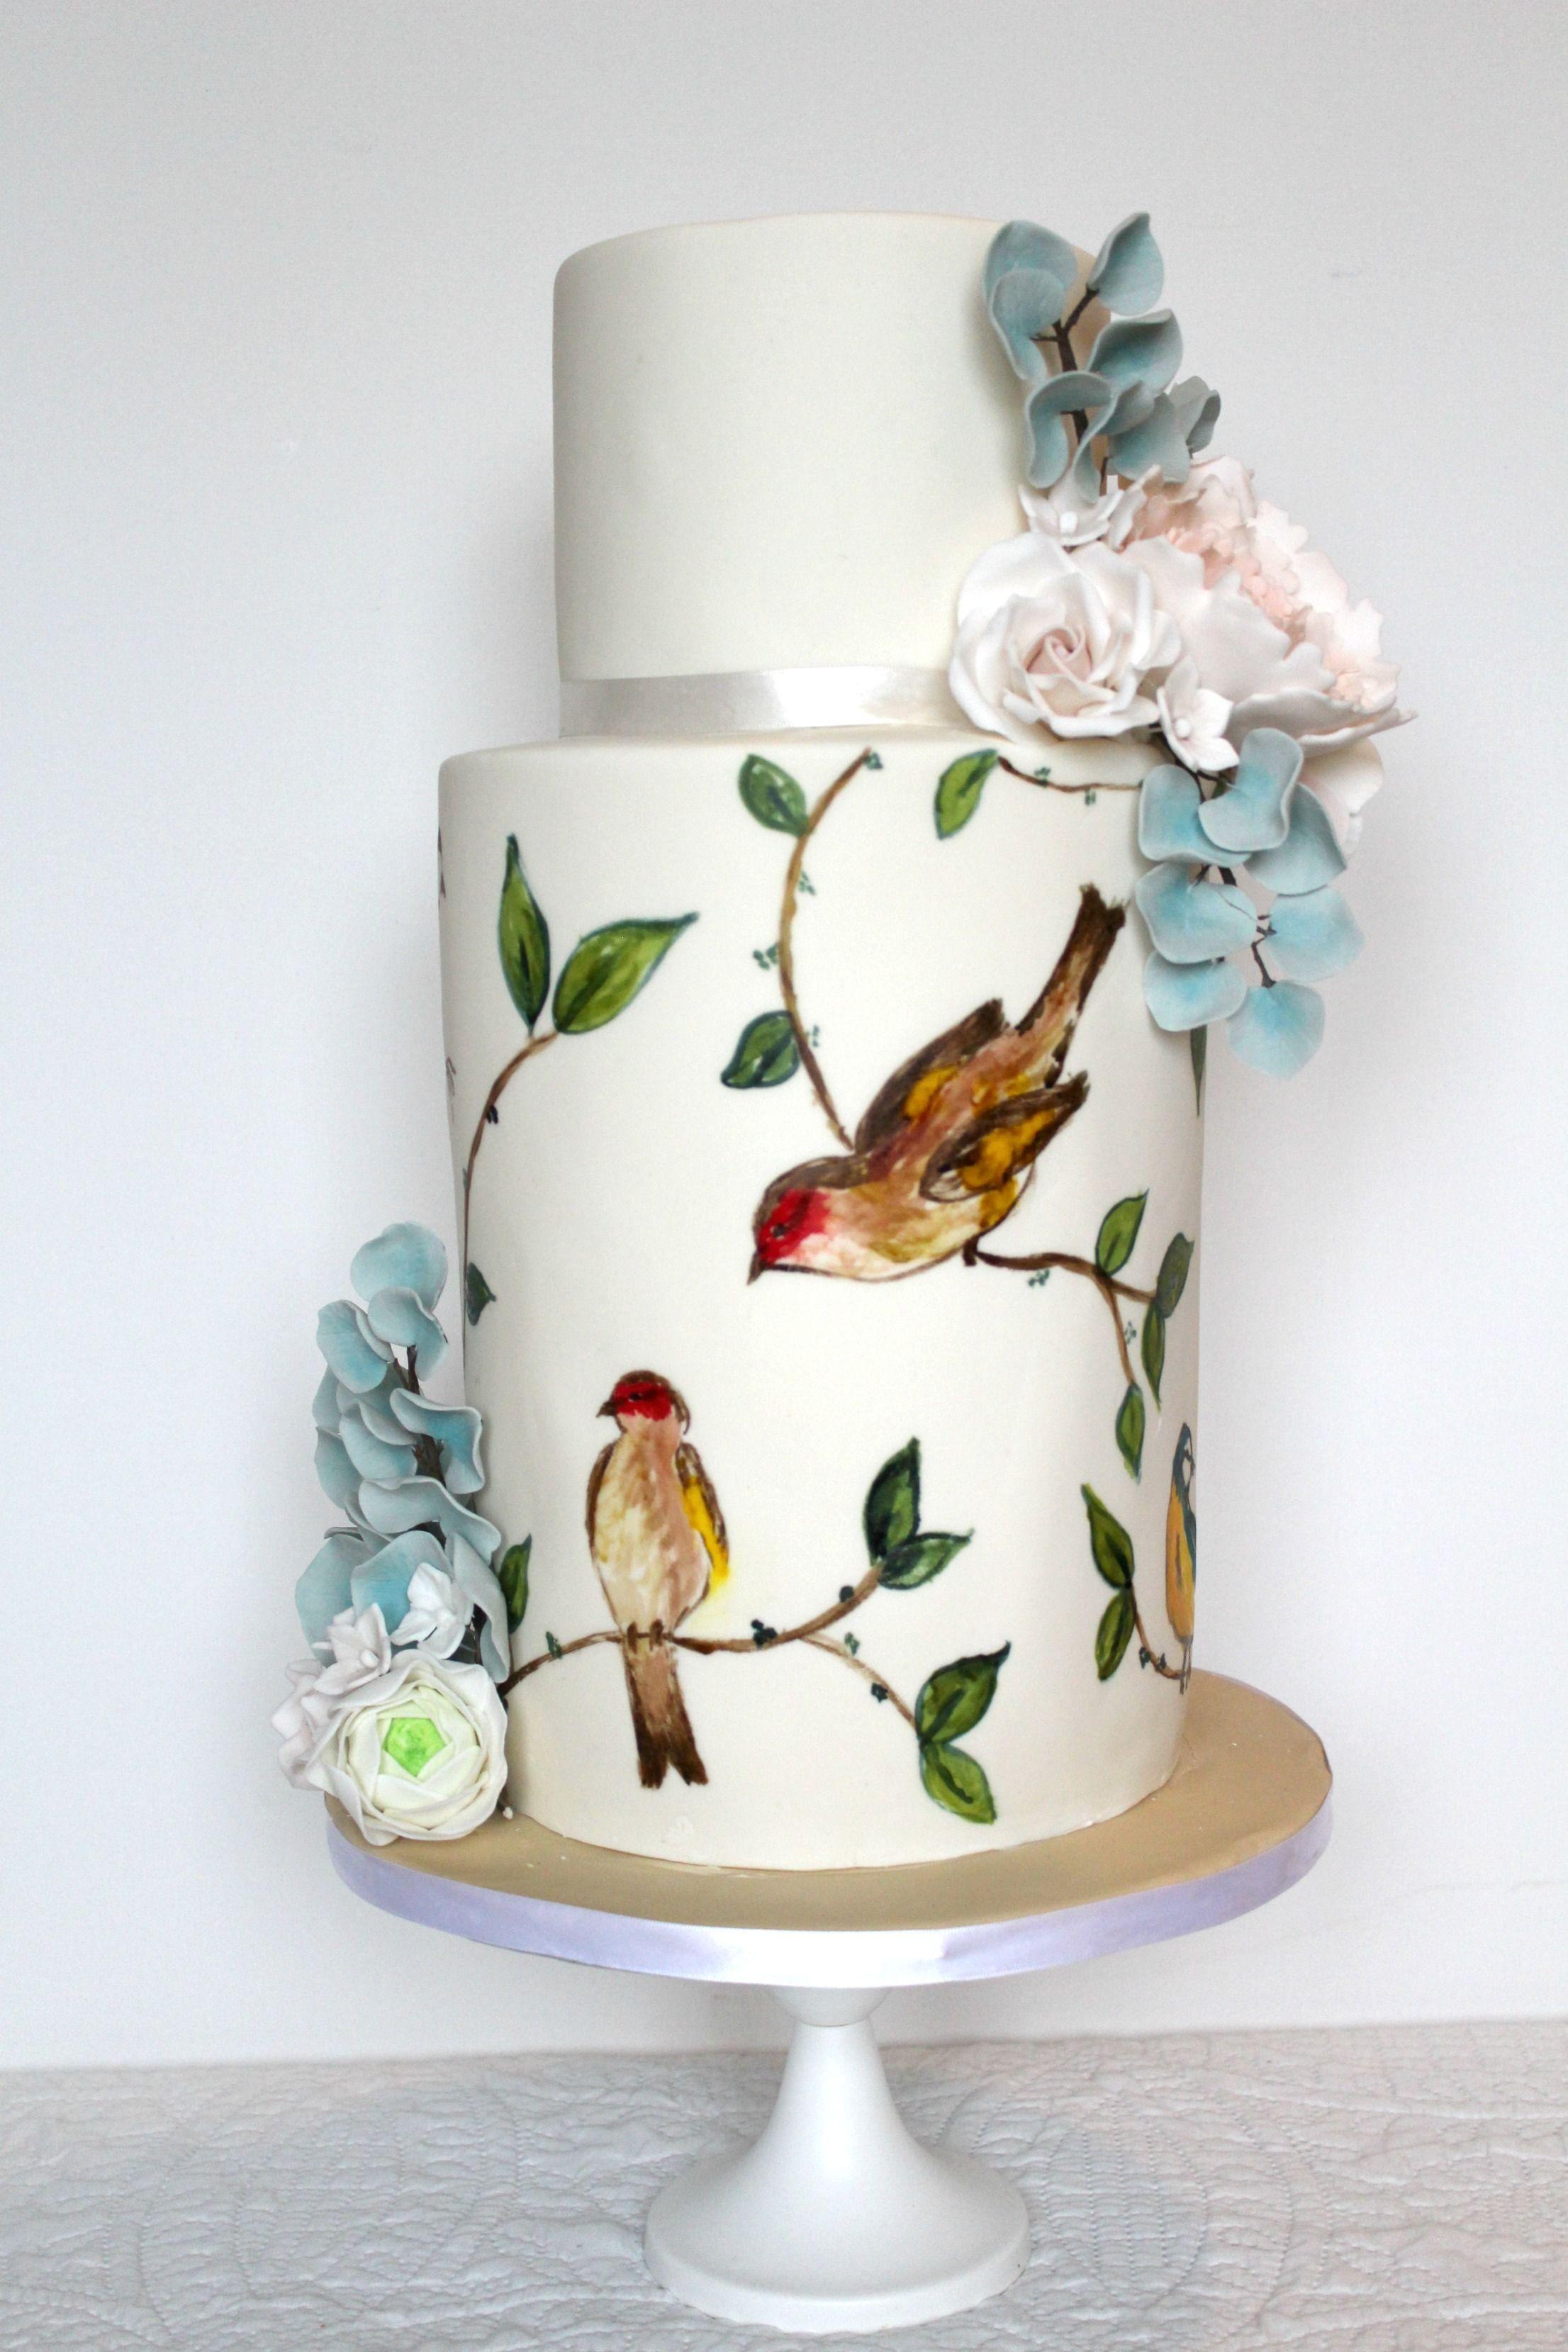 paintedcake #weddingcake #birds #nature #handpainted #sugarflowers ...